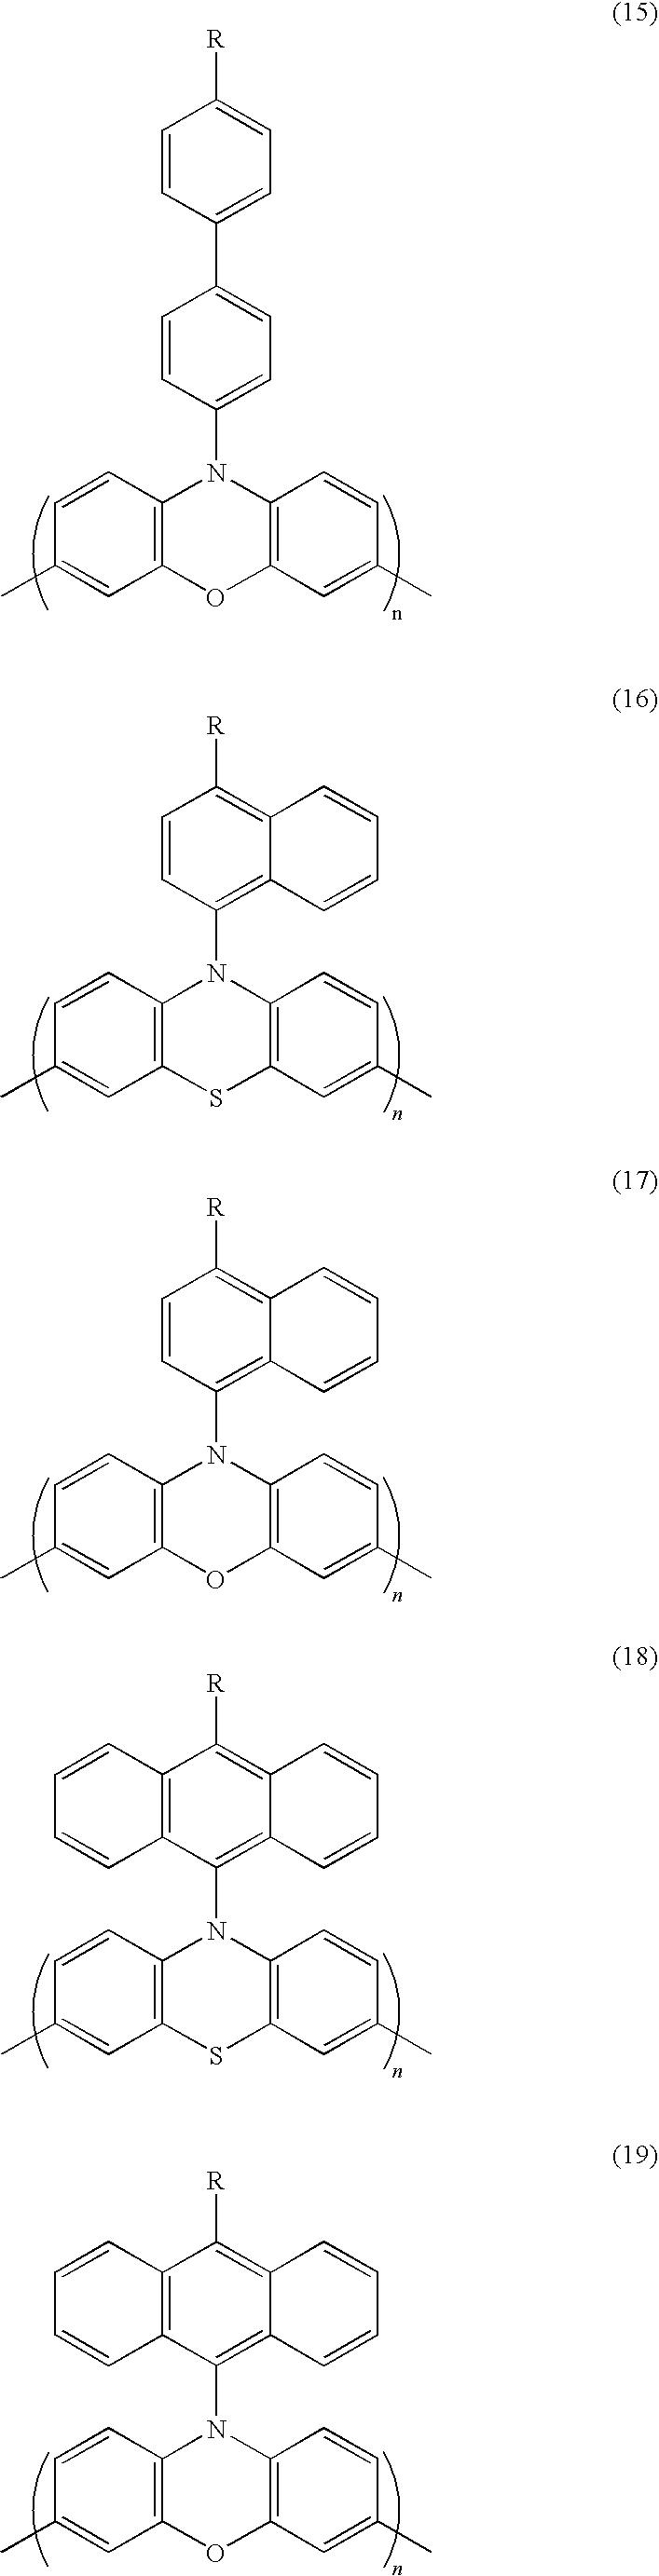 Figure US07847052-20101207-C00013